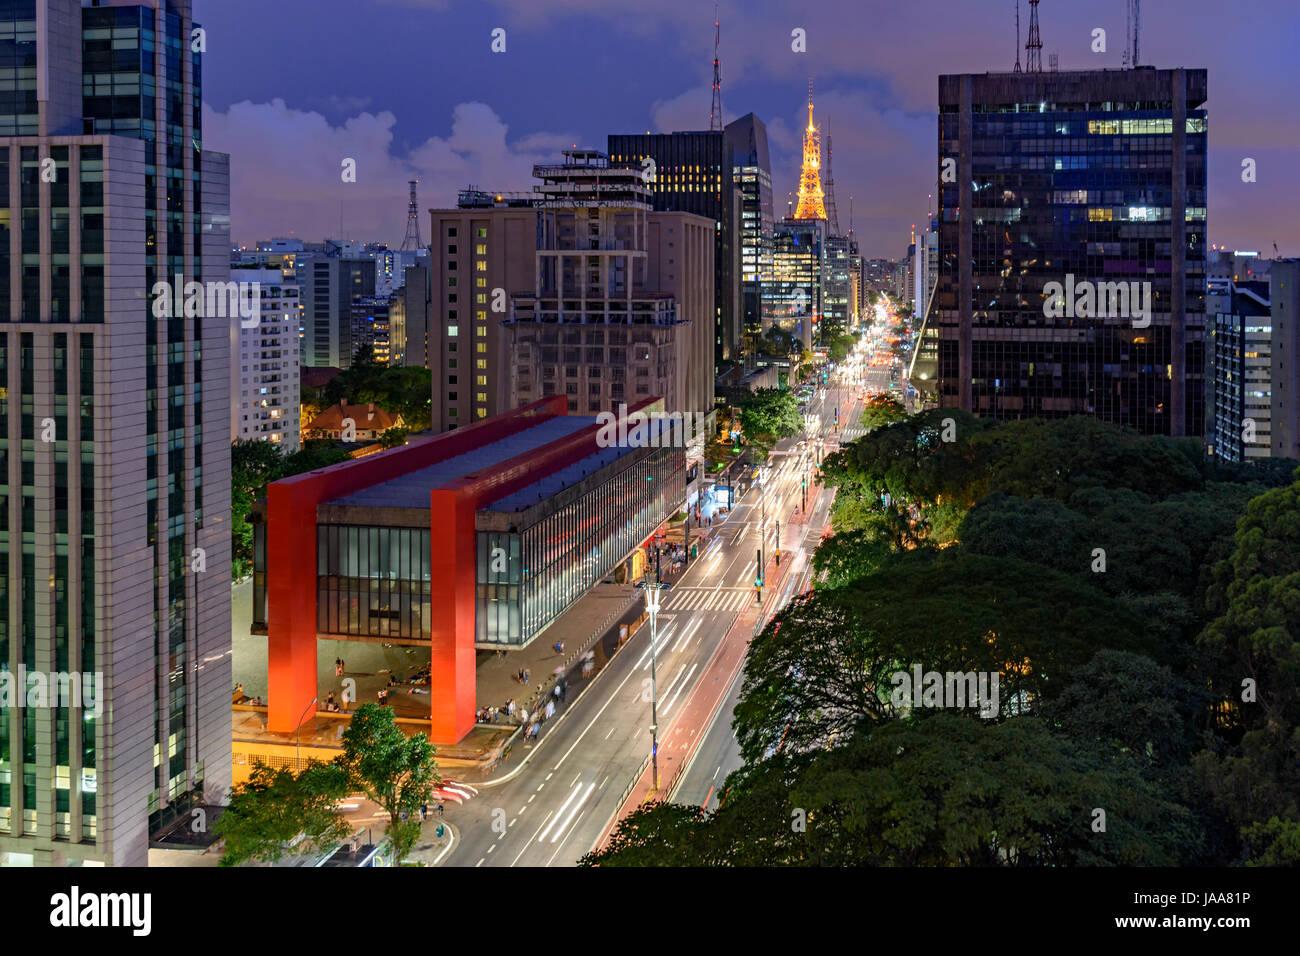 Vista nocturna de la famosa Avenida Paulista, centro financiero de la ciudad y uno de los principales lugares de Imagen De Stock